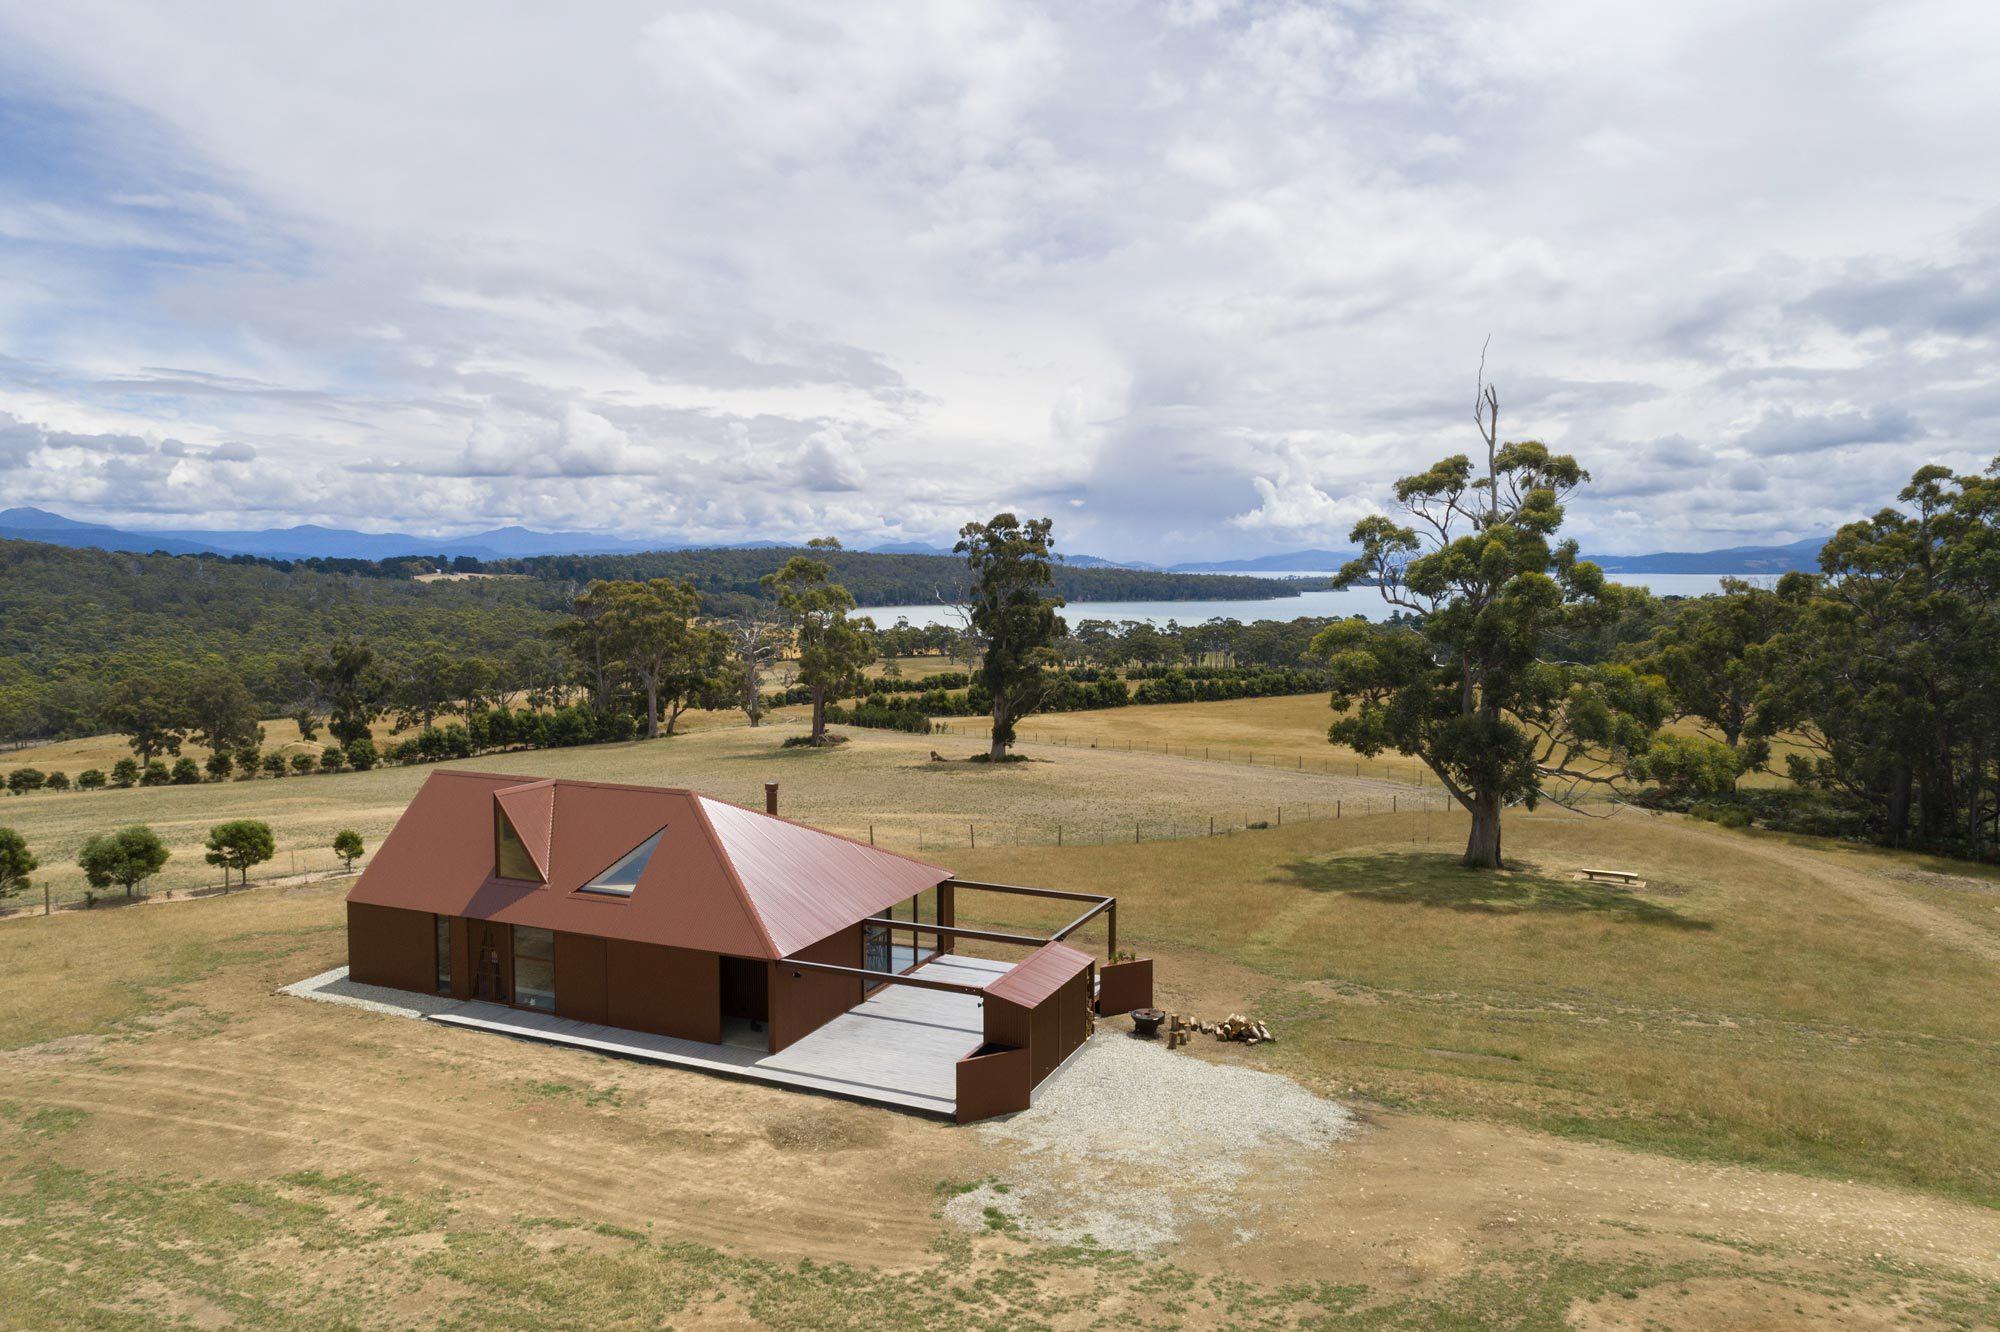 Mit seiner rostroten Wellblechfassade und dem geziegelten Schornstein ist das Haus eine moderne Interpretation australischer Landhäuser.